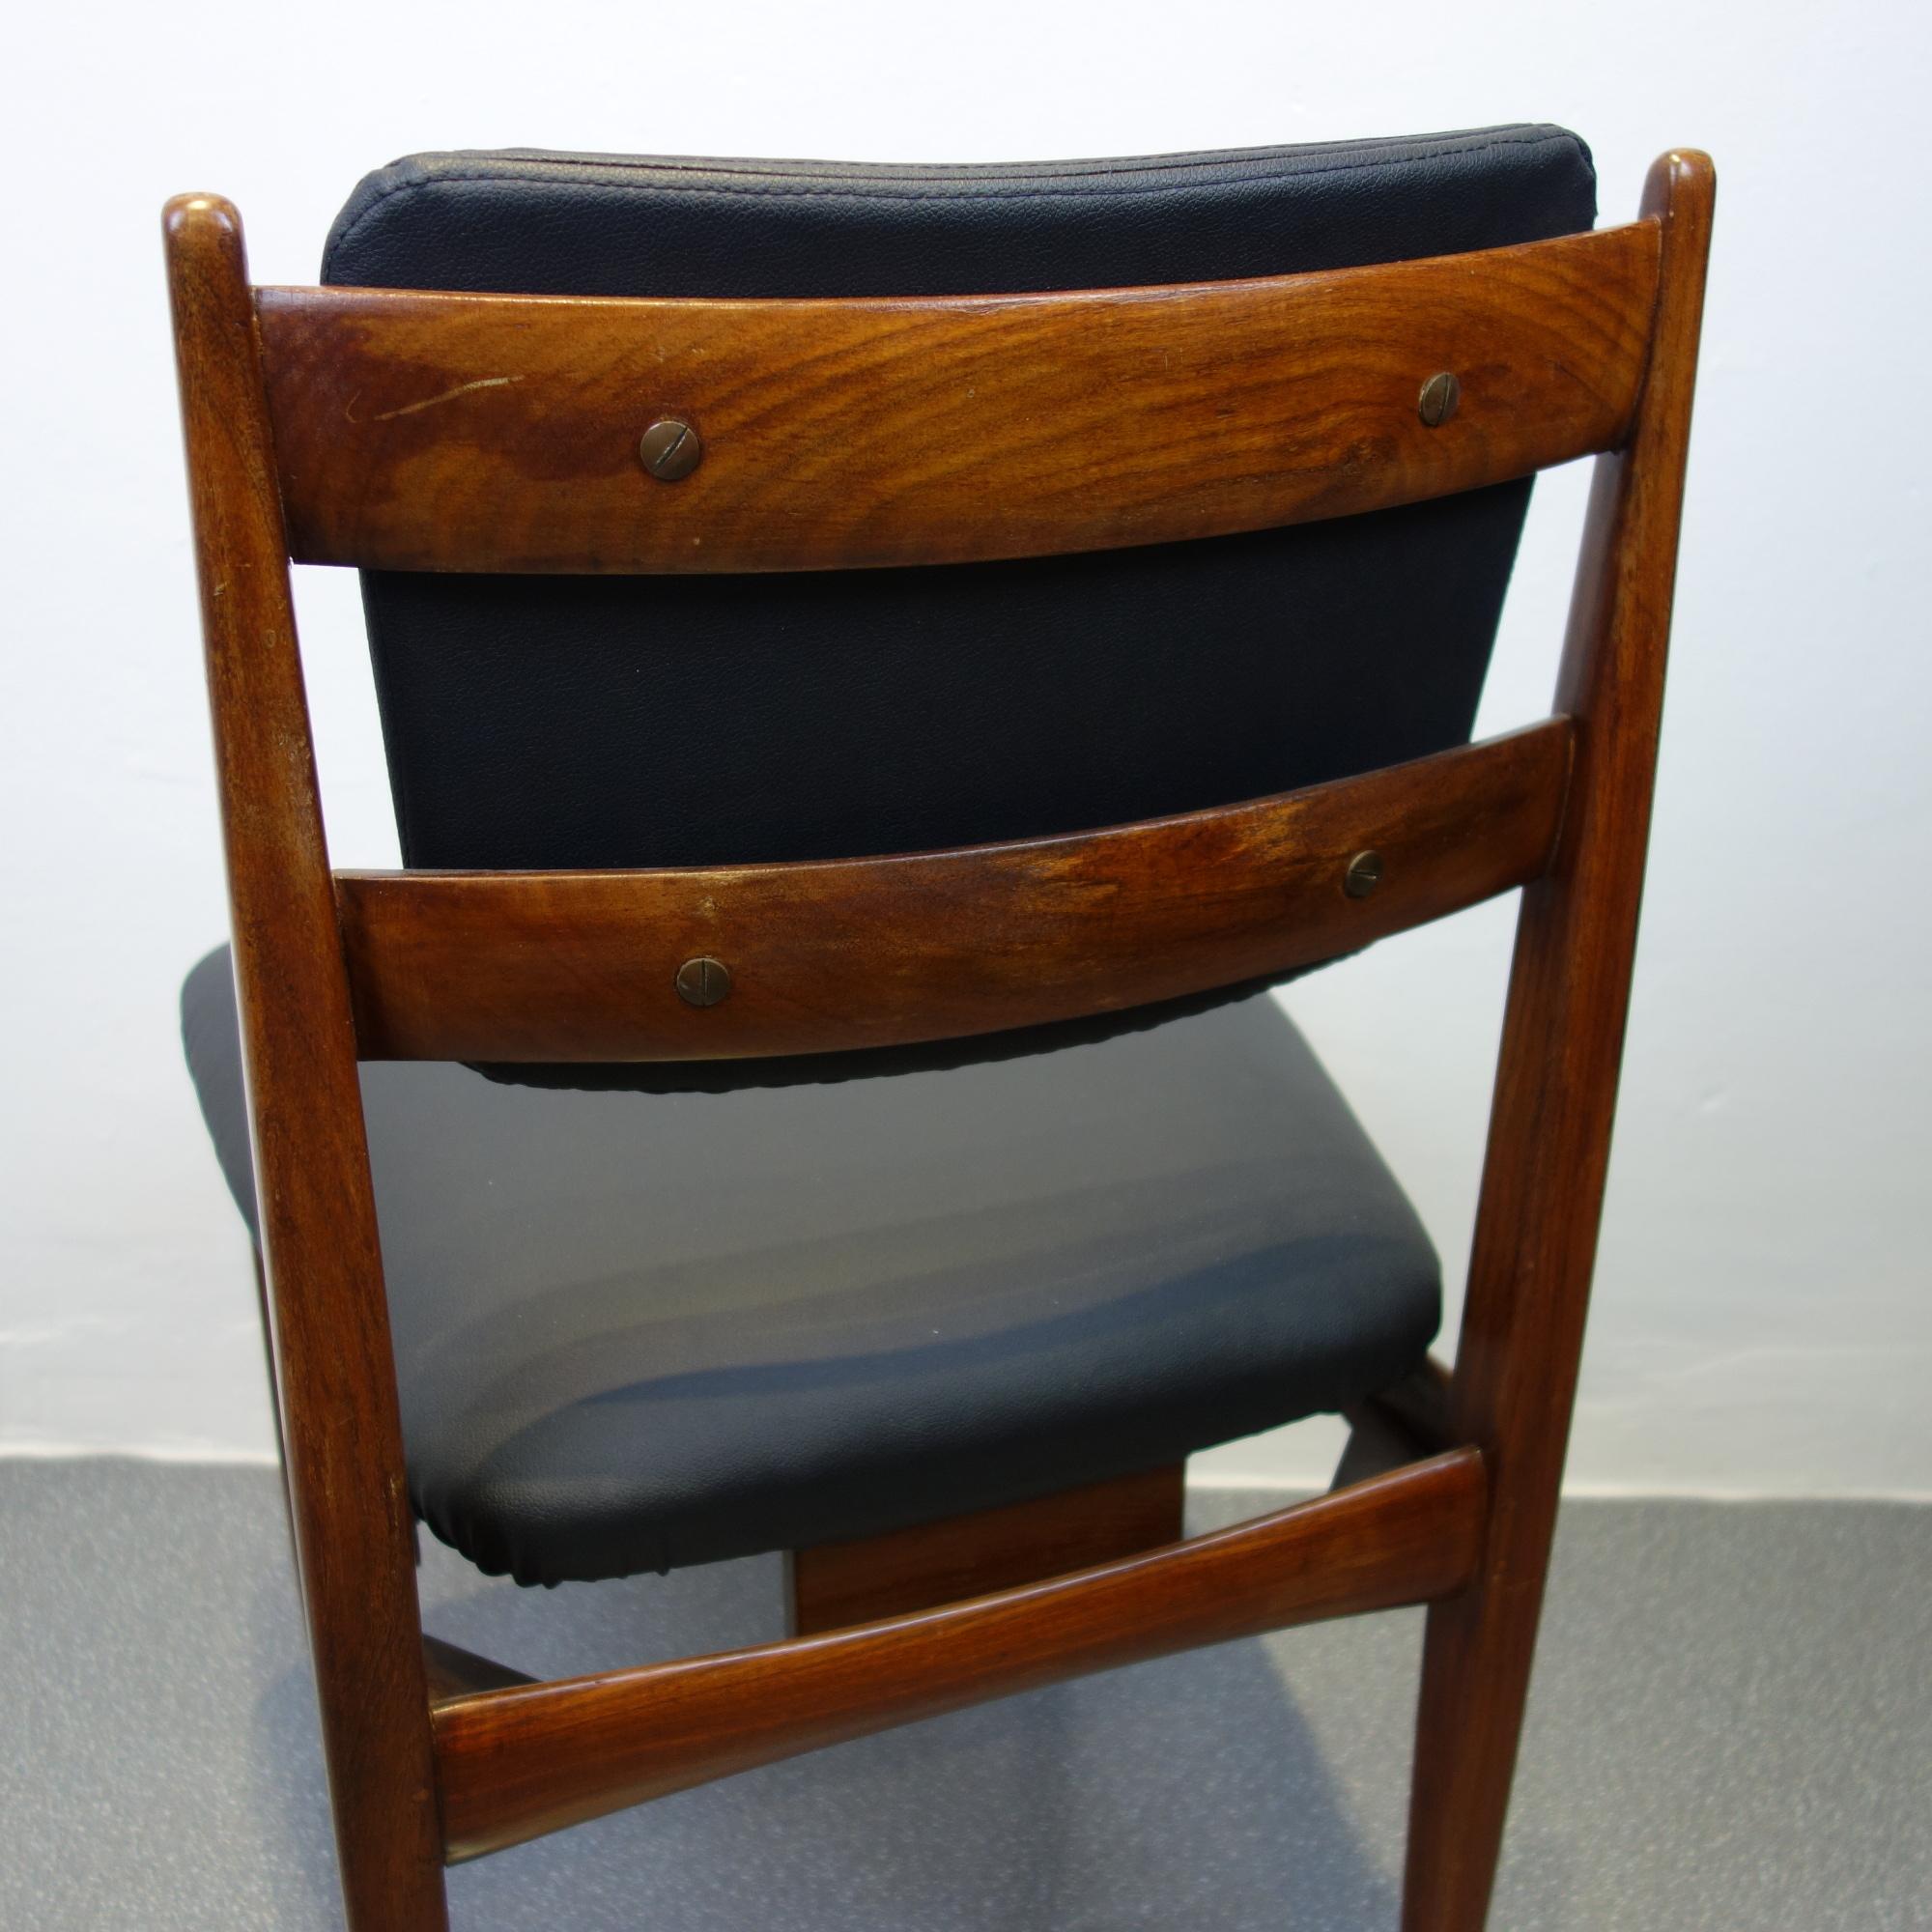 4 Stühle 60er Jahre Italien – Es war einmal…